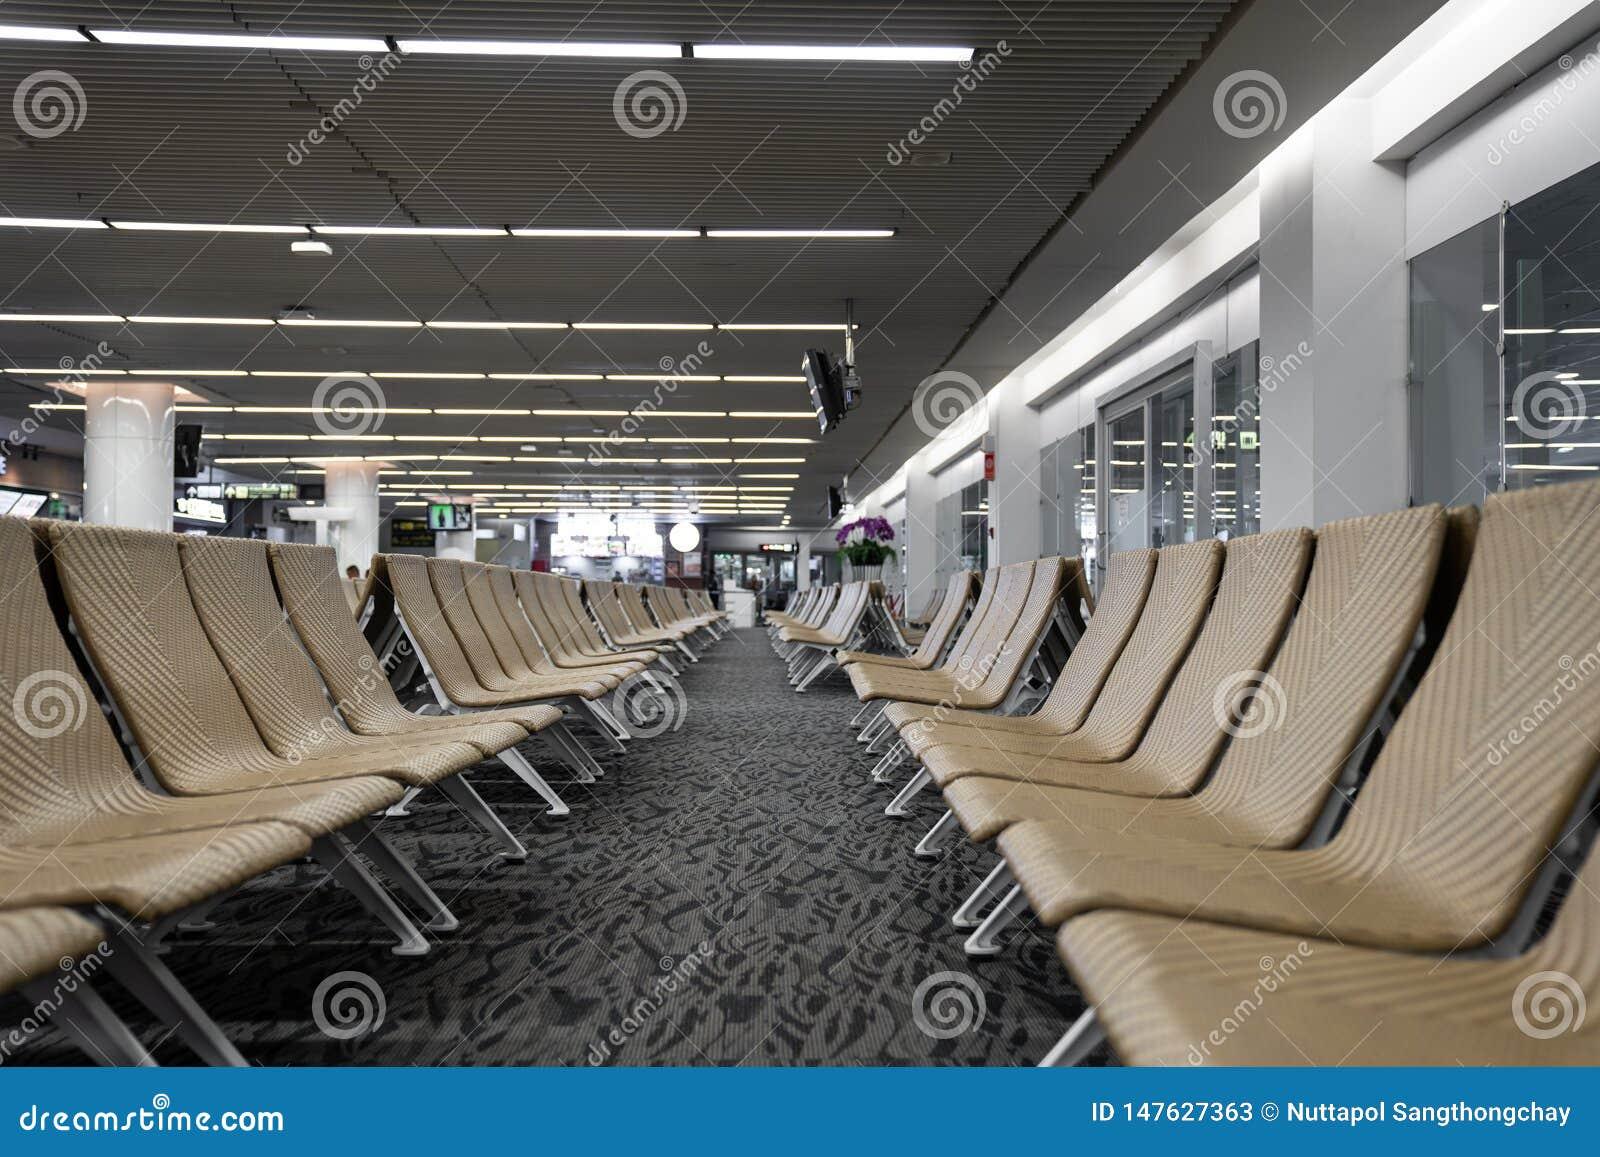 在机场/等待的休息室机场/人为藤条材料/旅行乘客概念的空的人为藤条seater